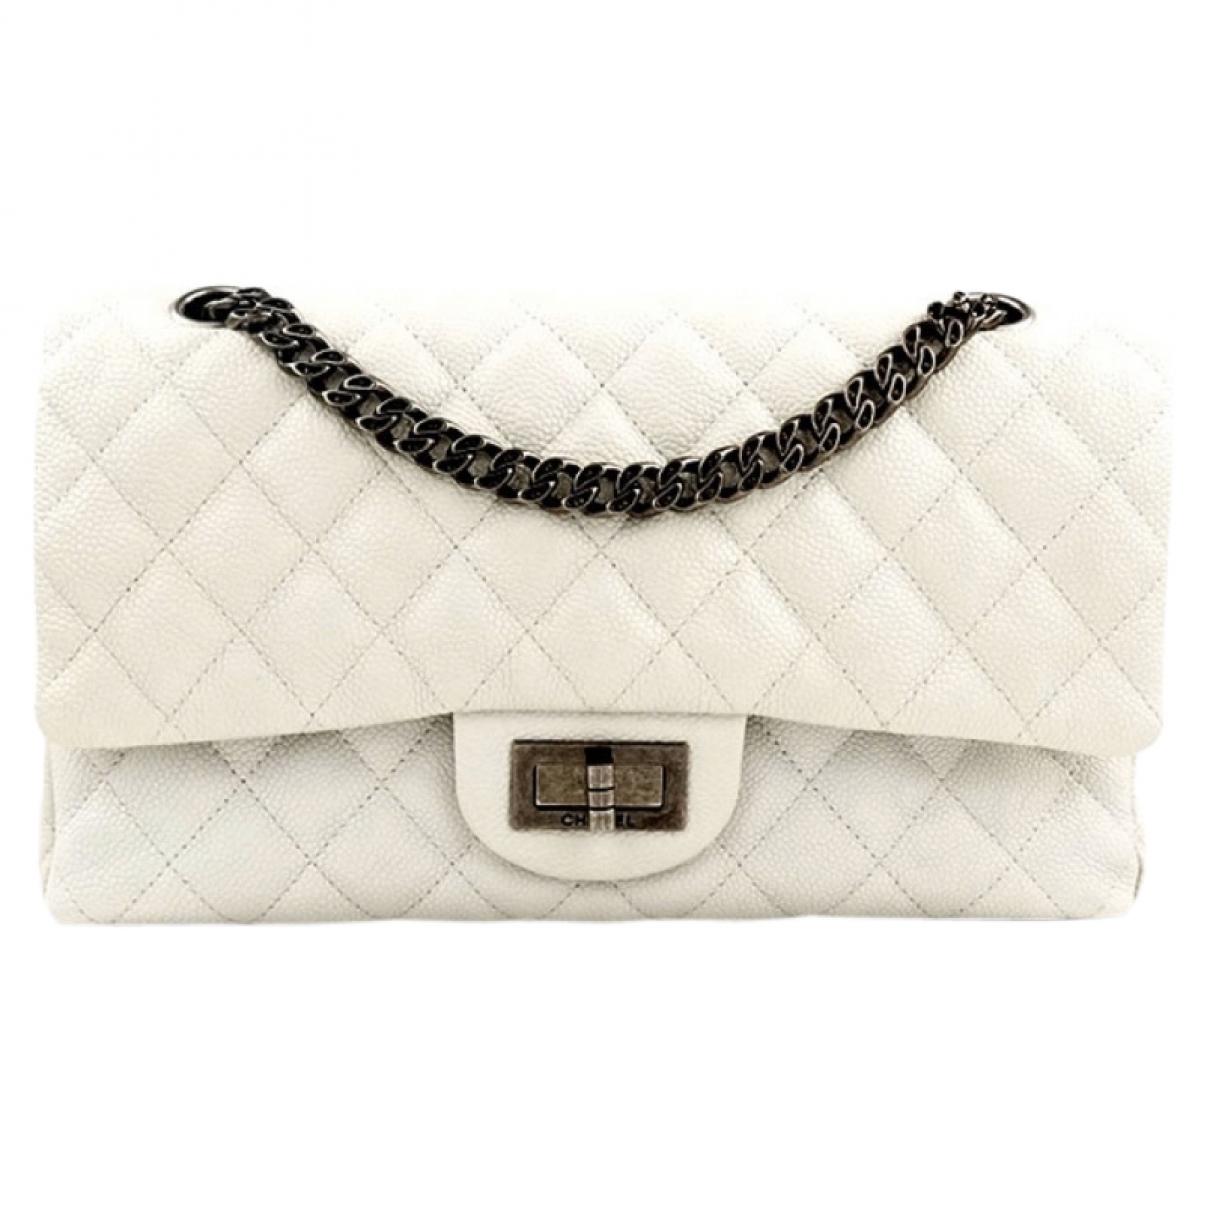 Chanel 2.55 White Leather handbag for Women \N